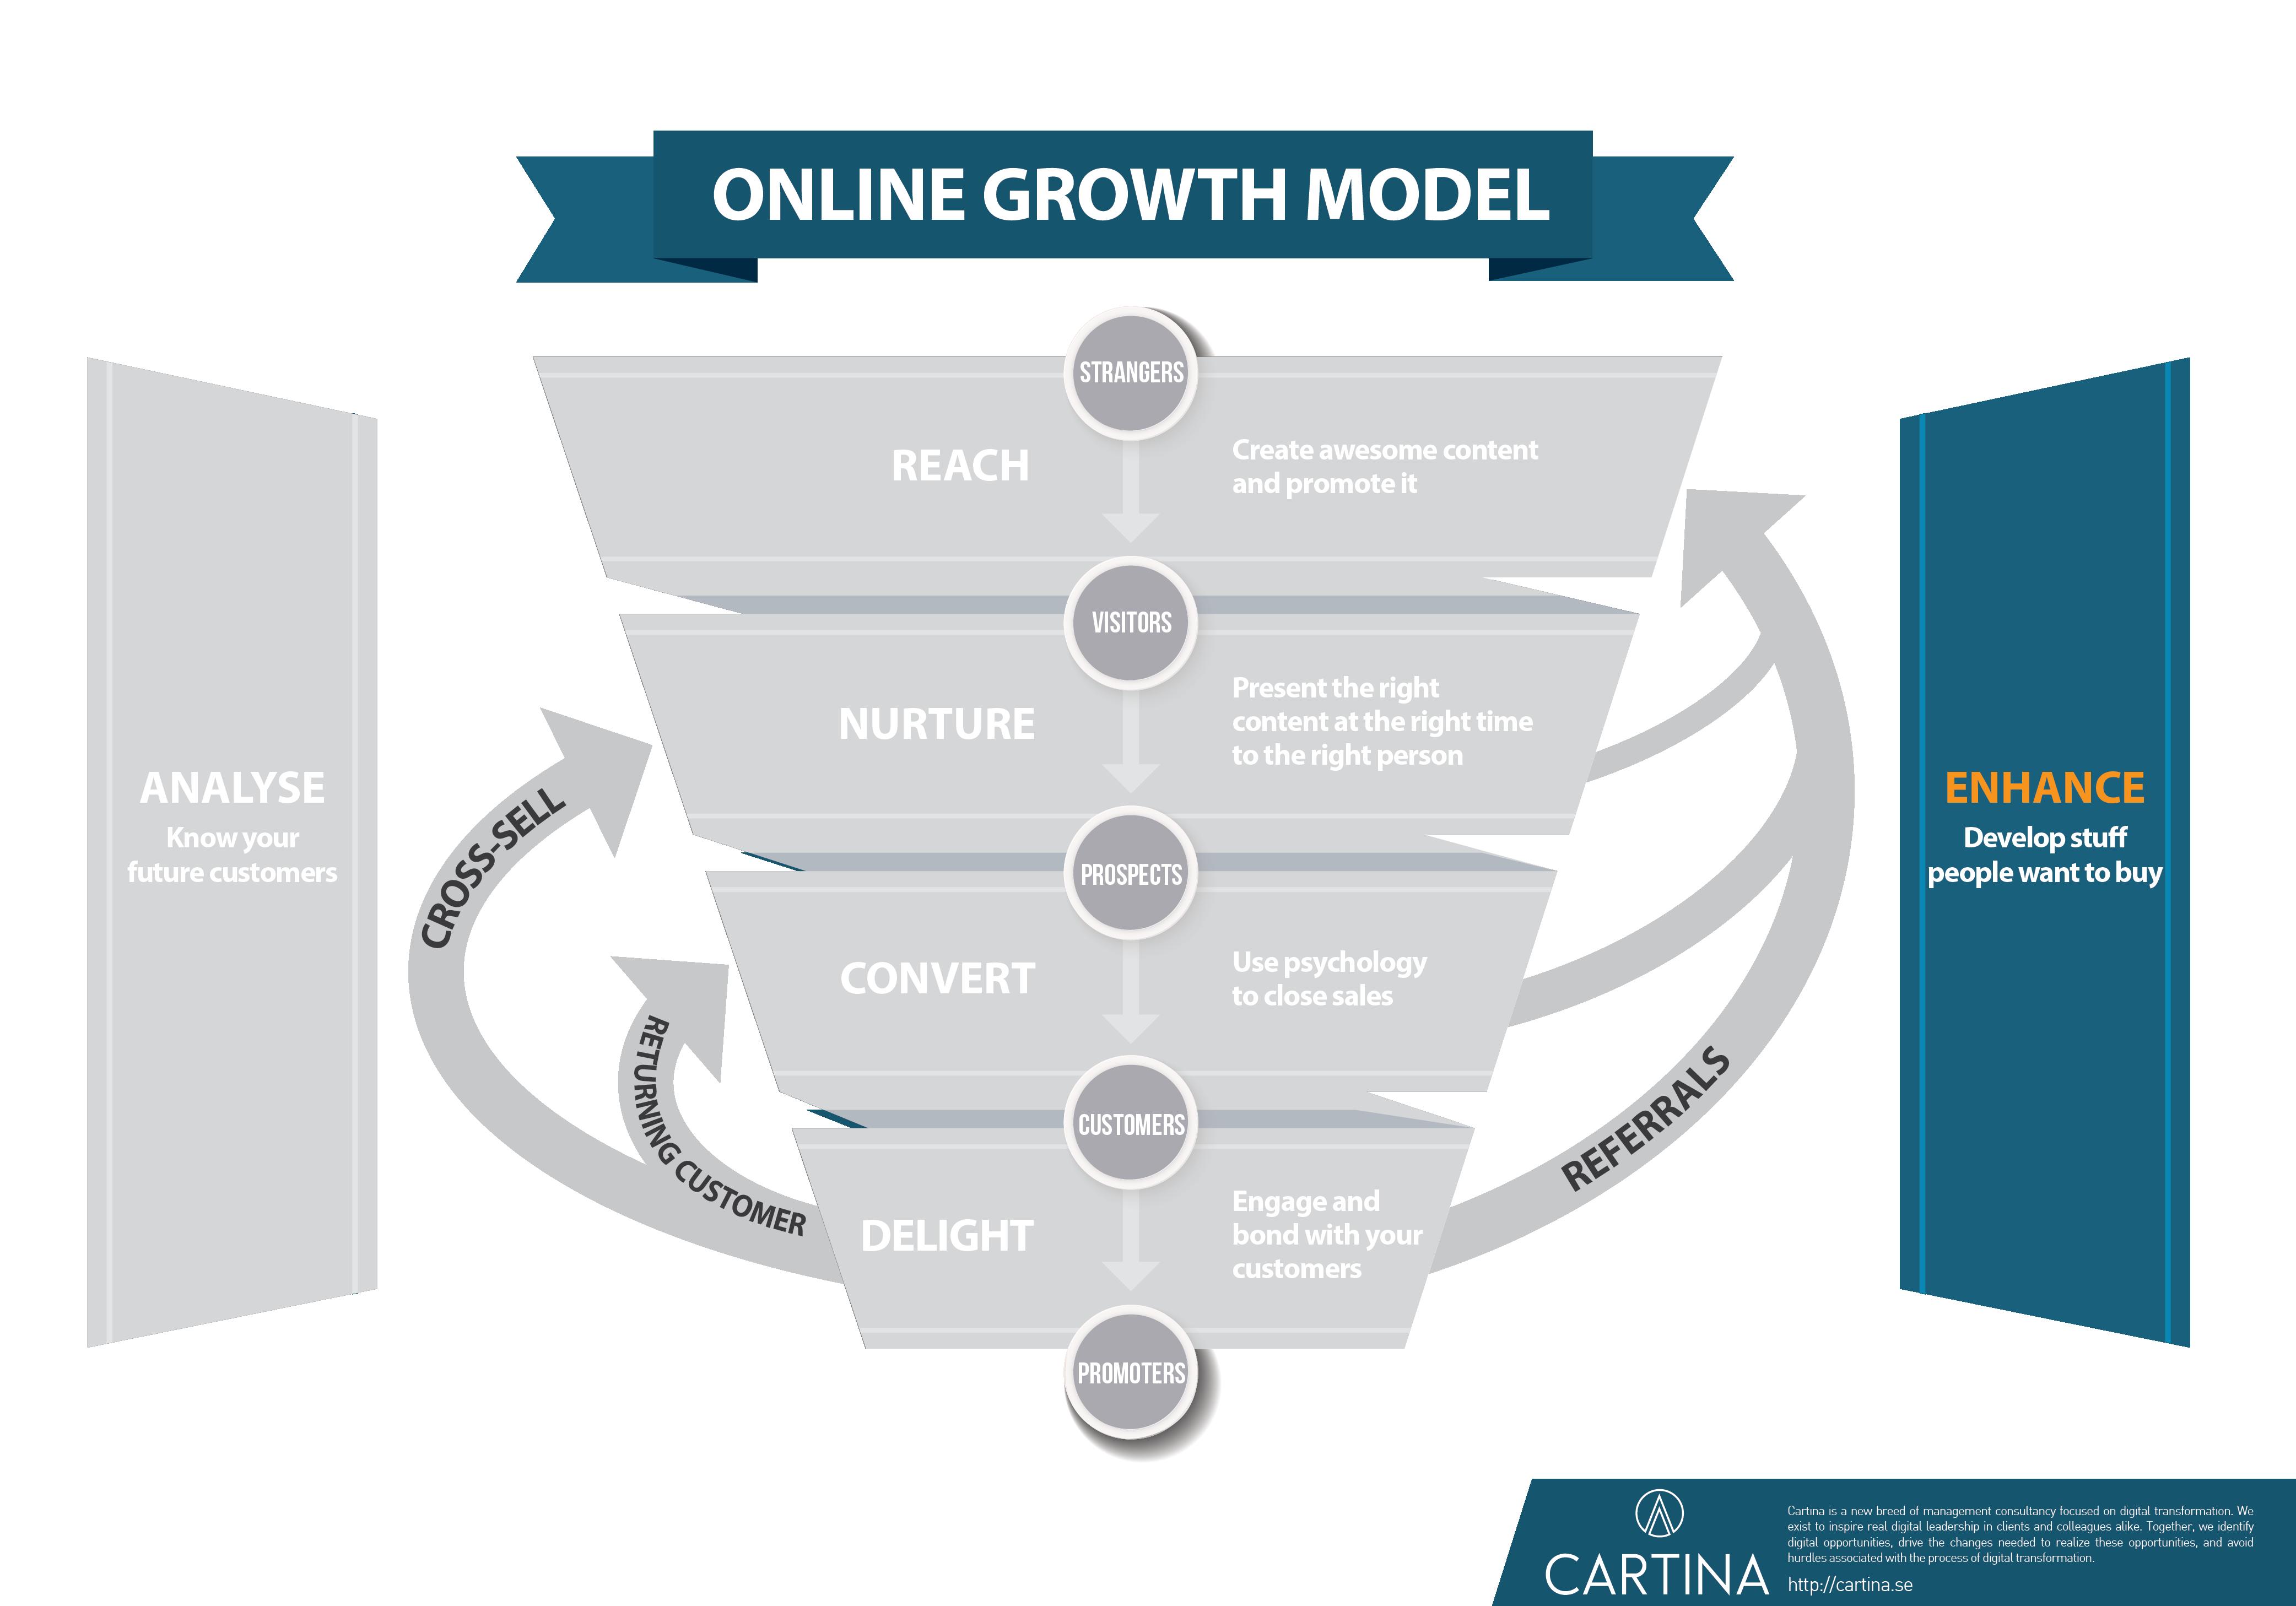 Growth model - Enhance step